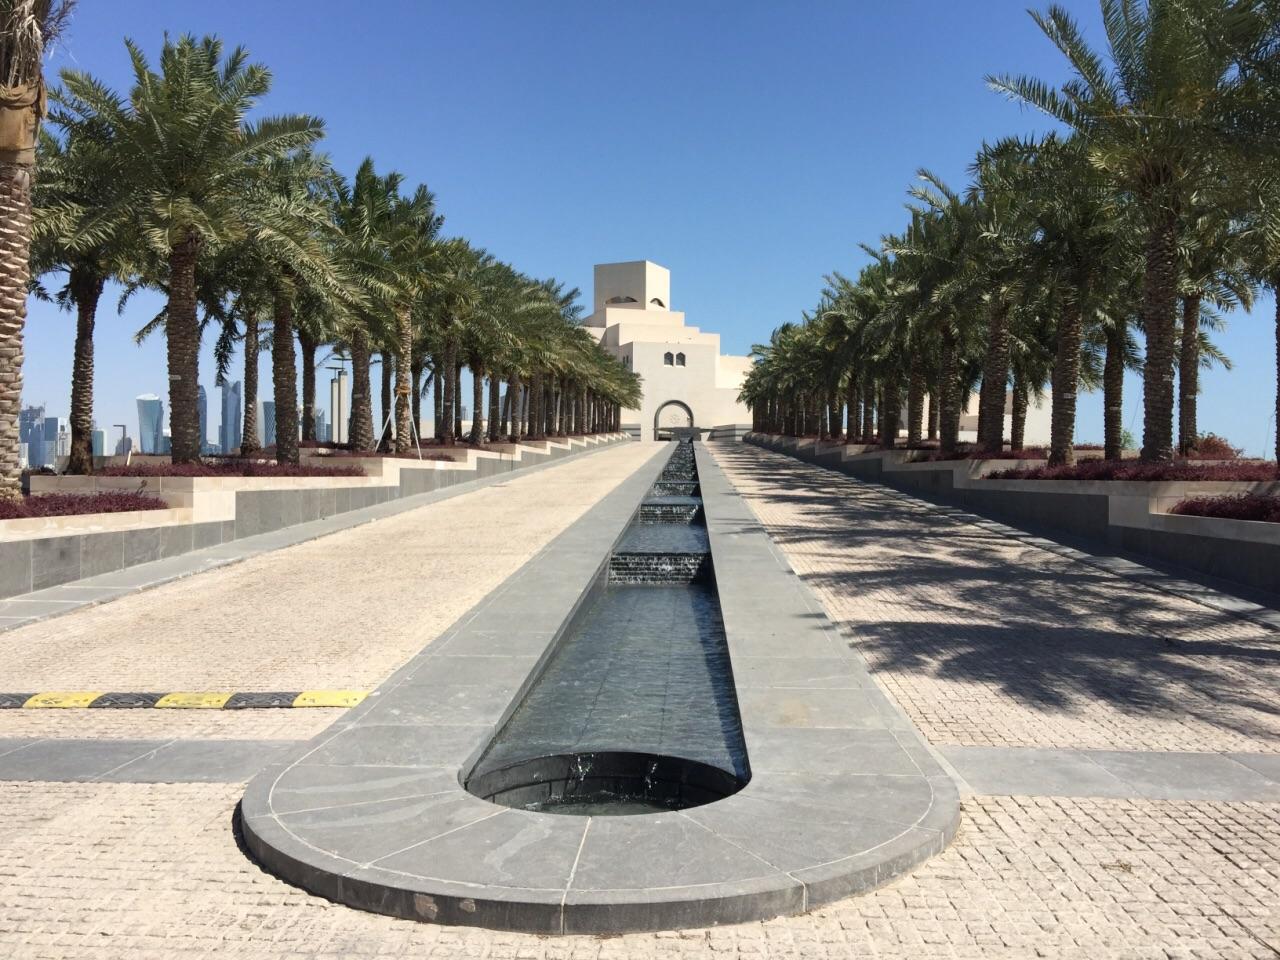 卡塔尔 多哈 伊斯兰艺术博物馆 华人建筑大师贝聿铭最后的杰作